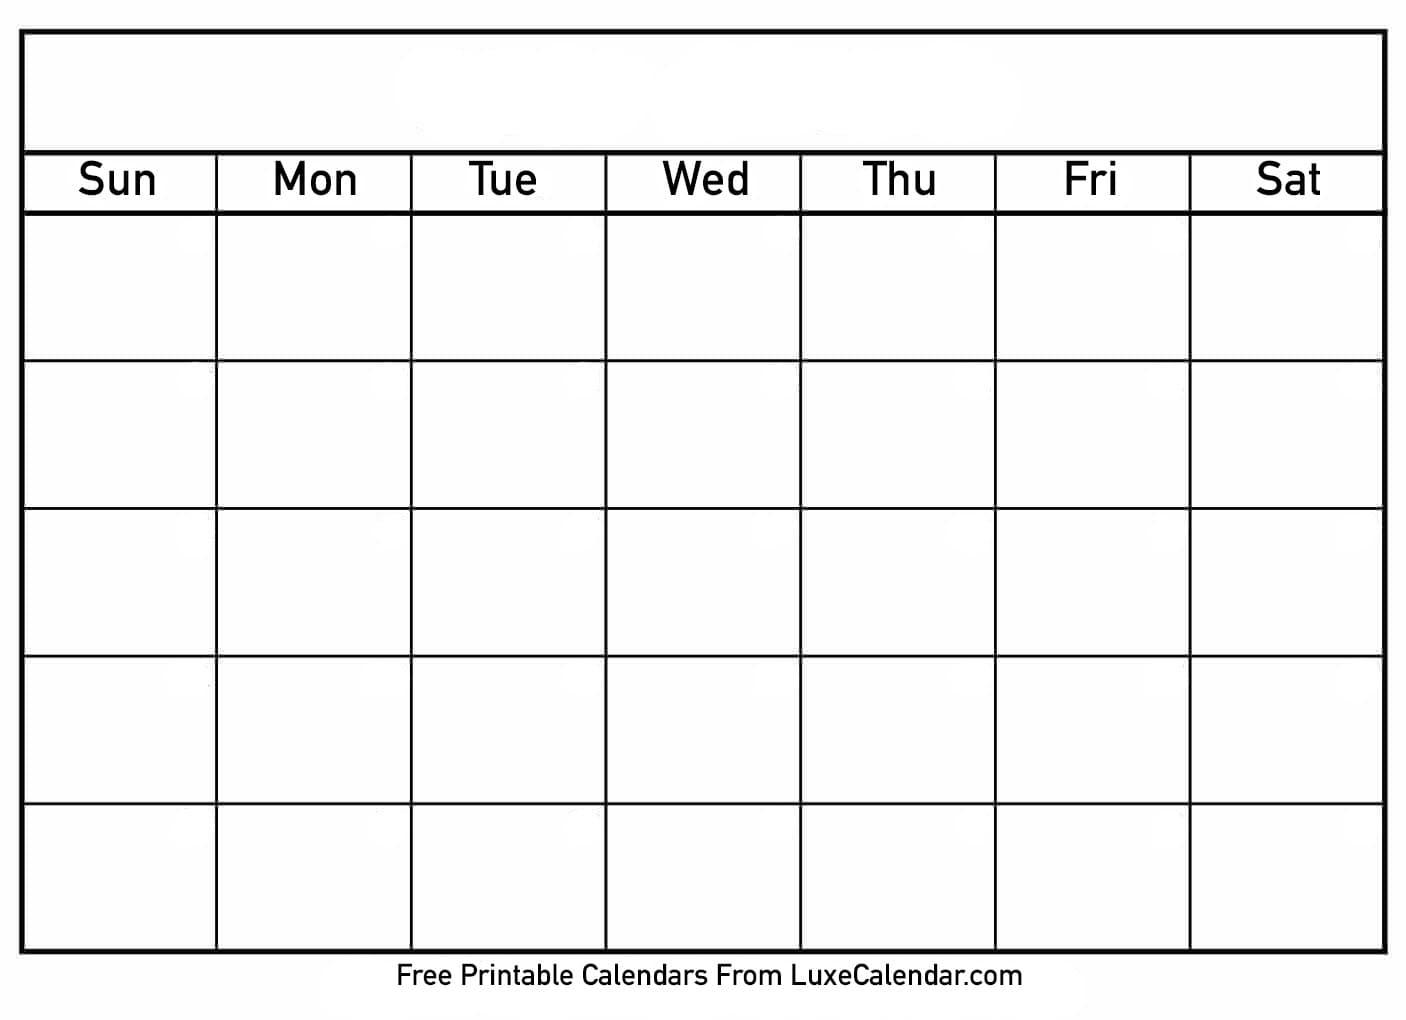 Printable Calendar You Can Add Text   Ten Free Printable Calendar